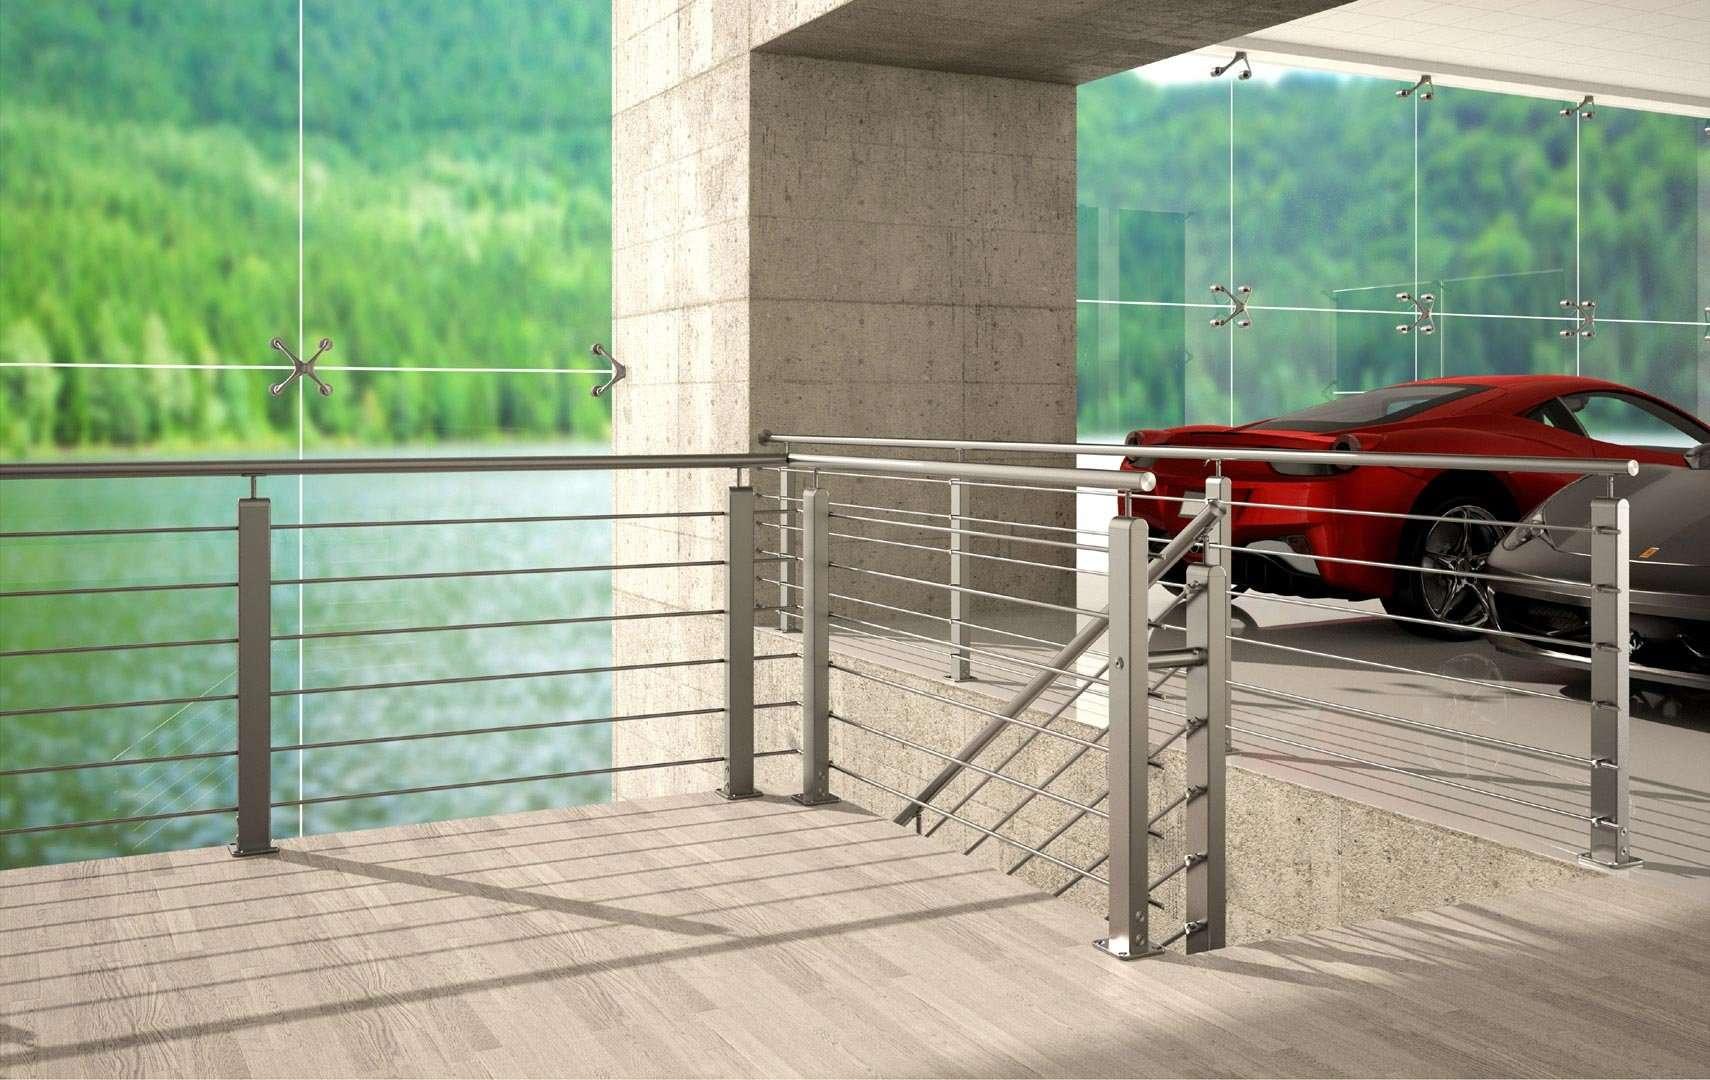 Mobili Lavelli: Ringhiere per scale interne di design